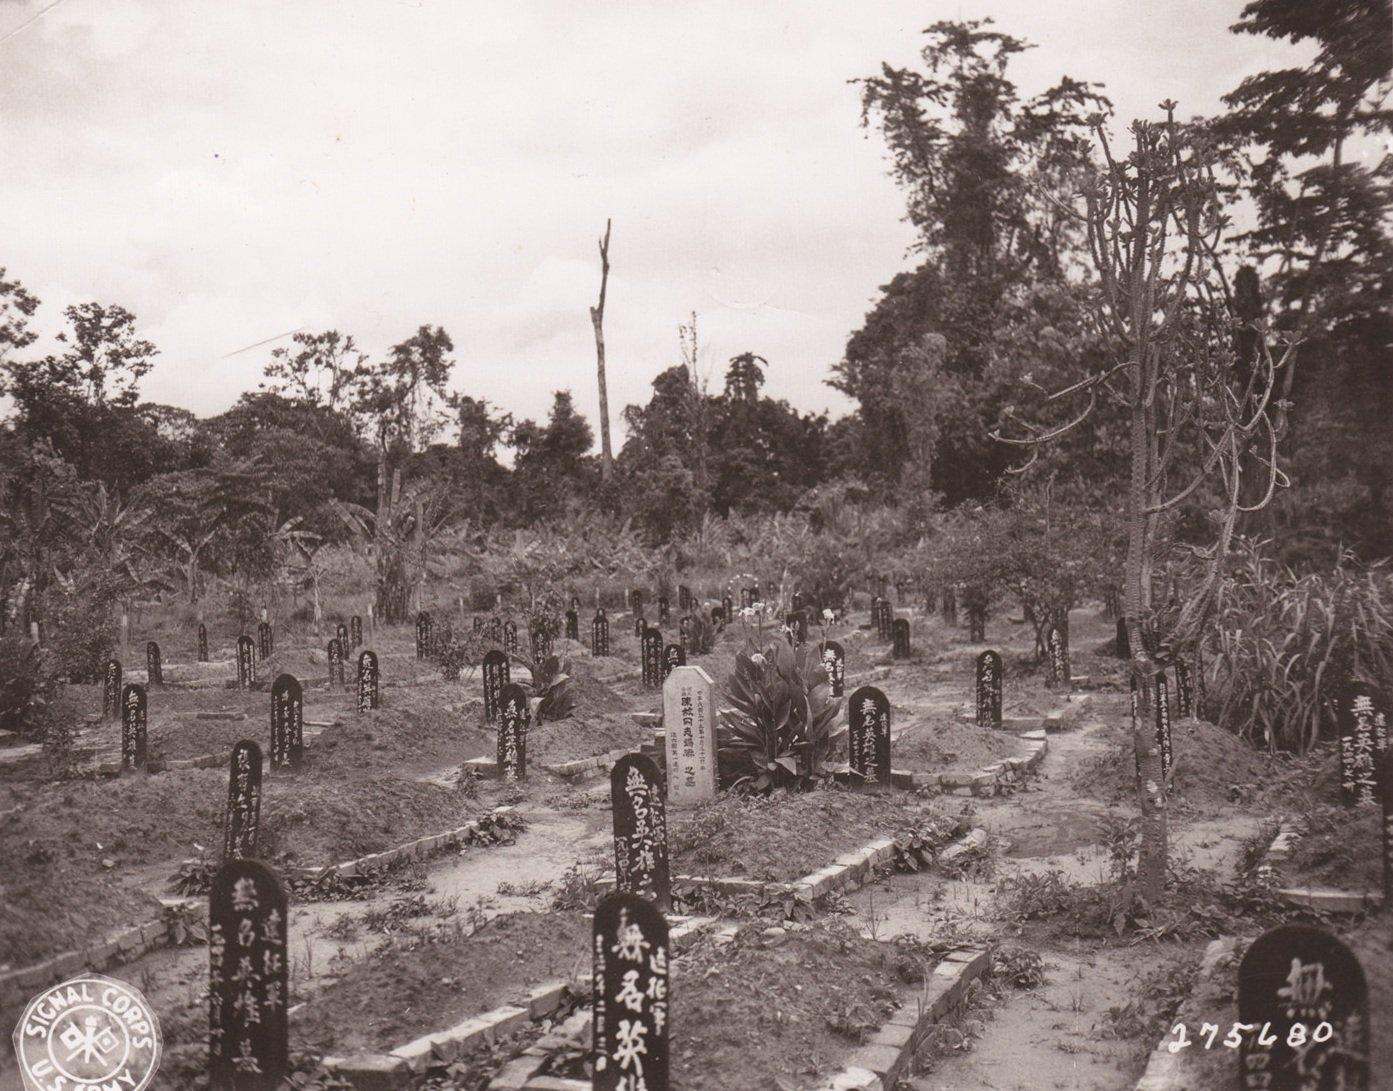 中国军人墓地的墓碑。拍摄于印度阿萨姆邦列多镇,1945年5月21日。